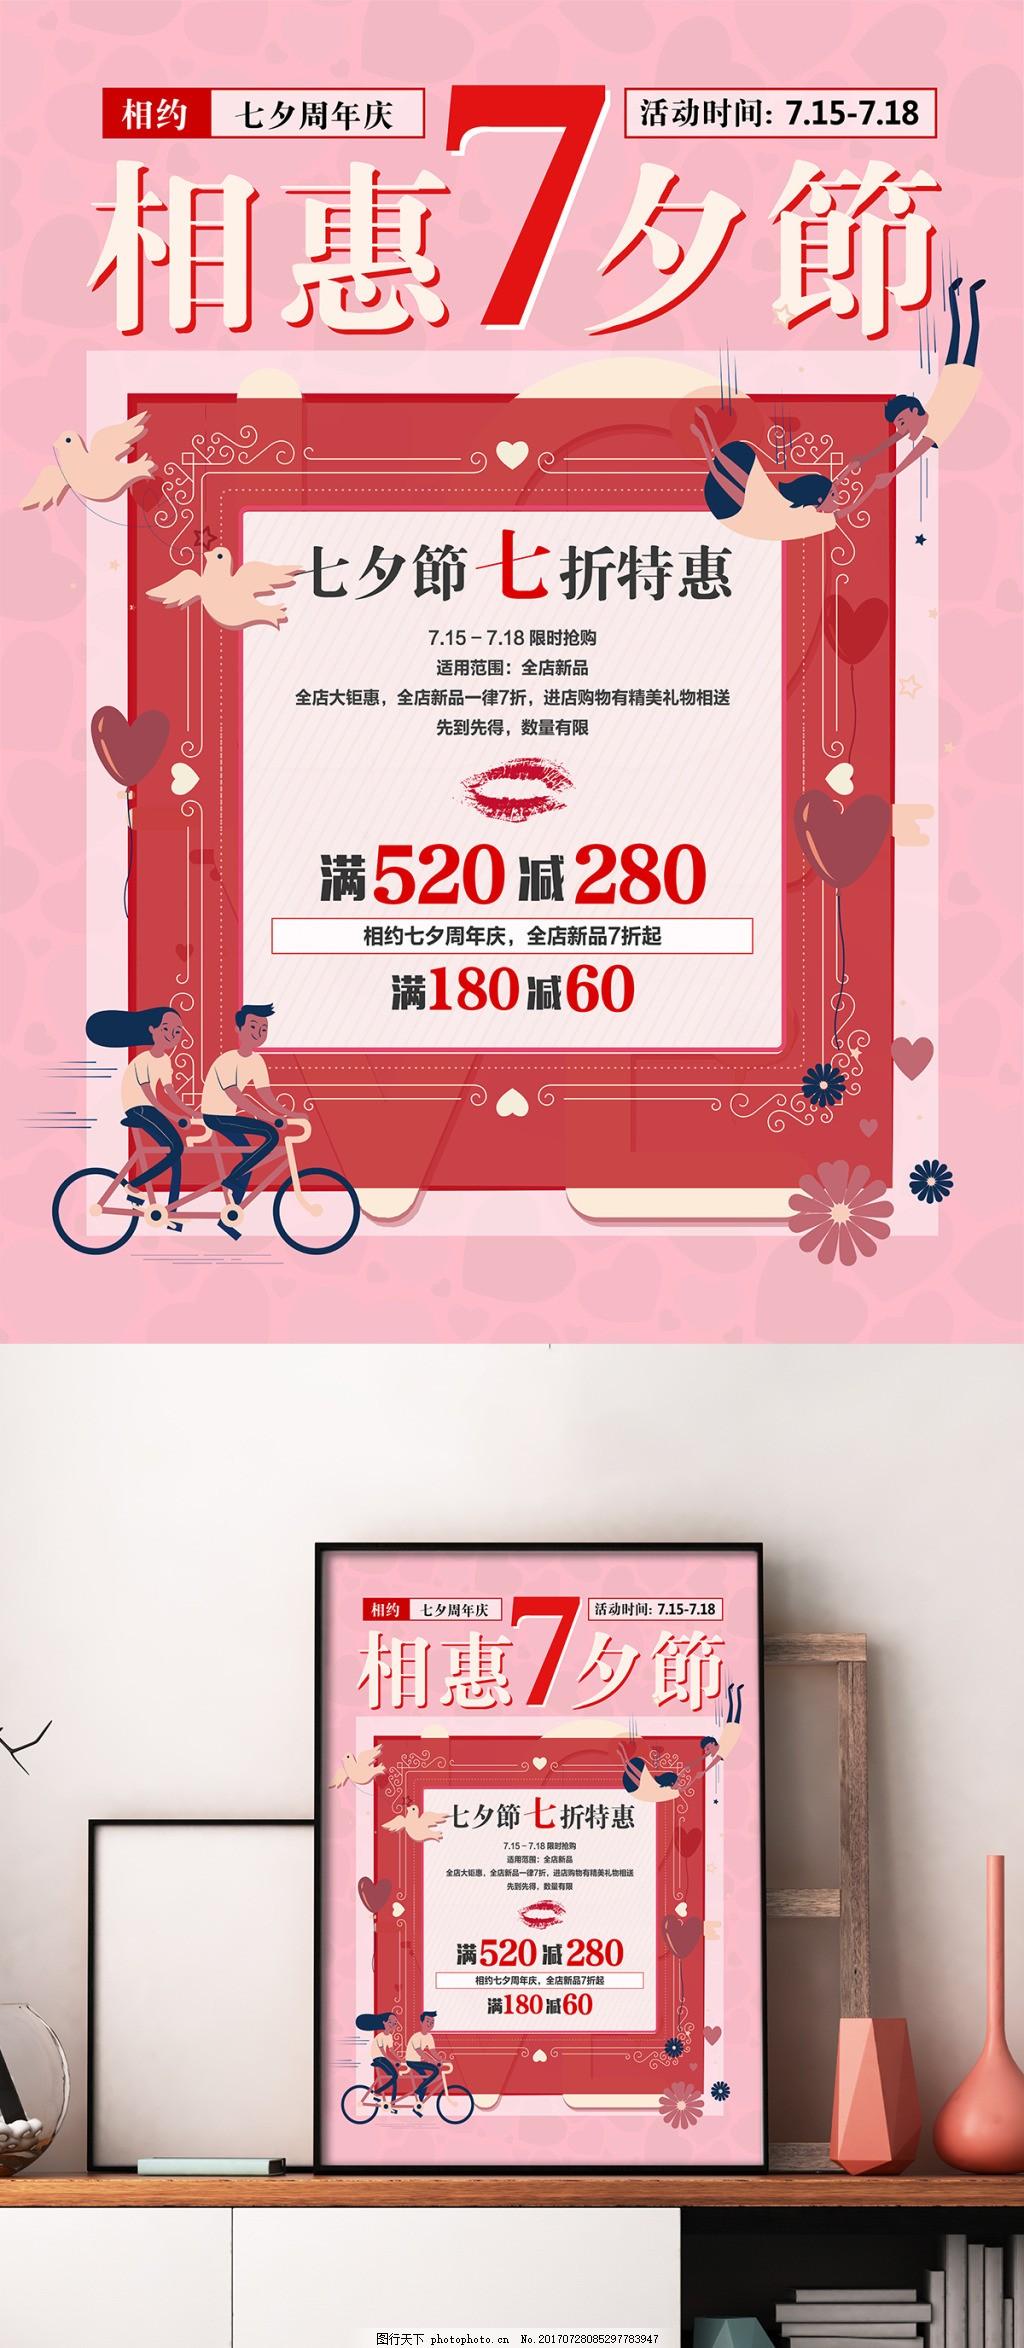 粉色卡通人物七夕节促销海报 情人节 爱情 粉红气氛 活动 恋人